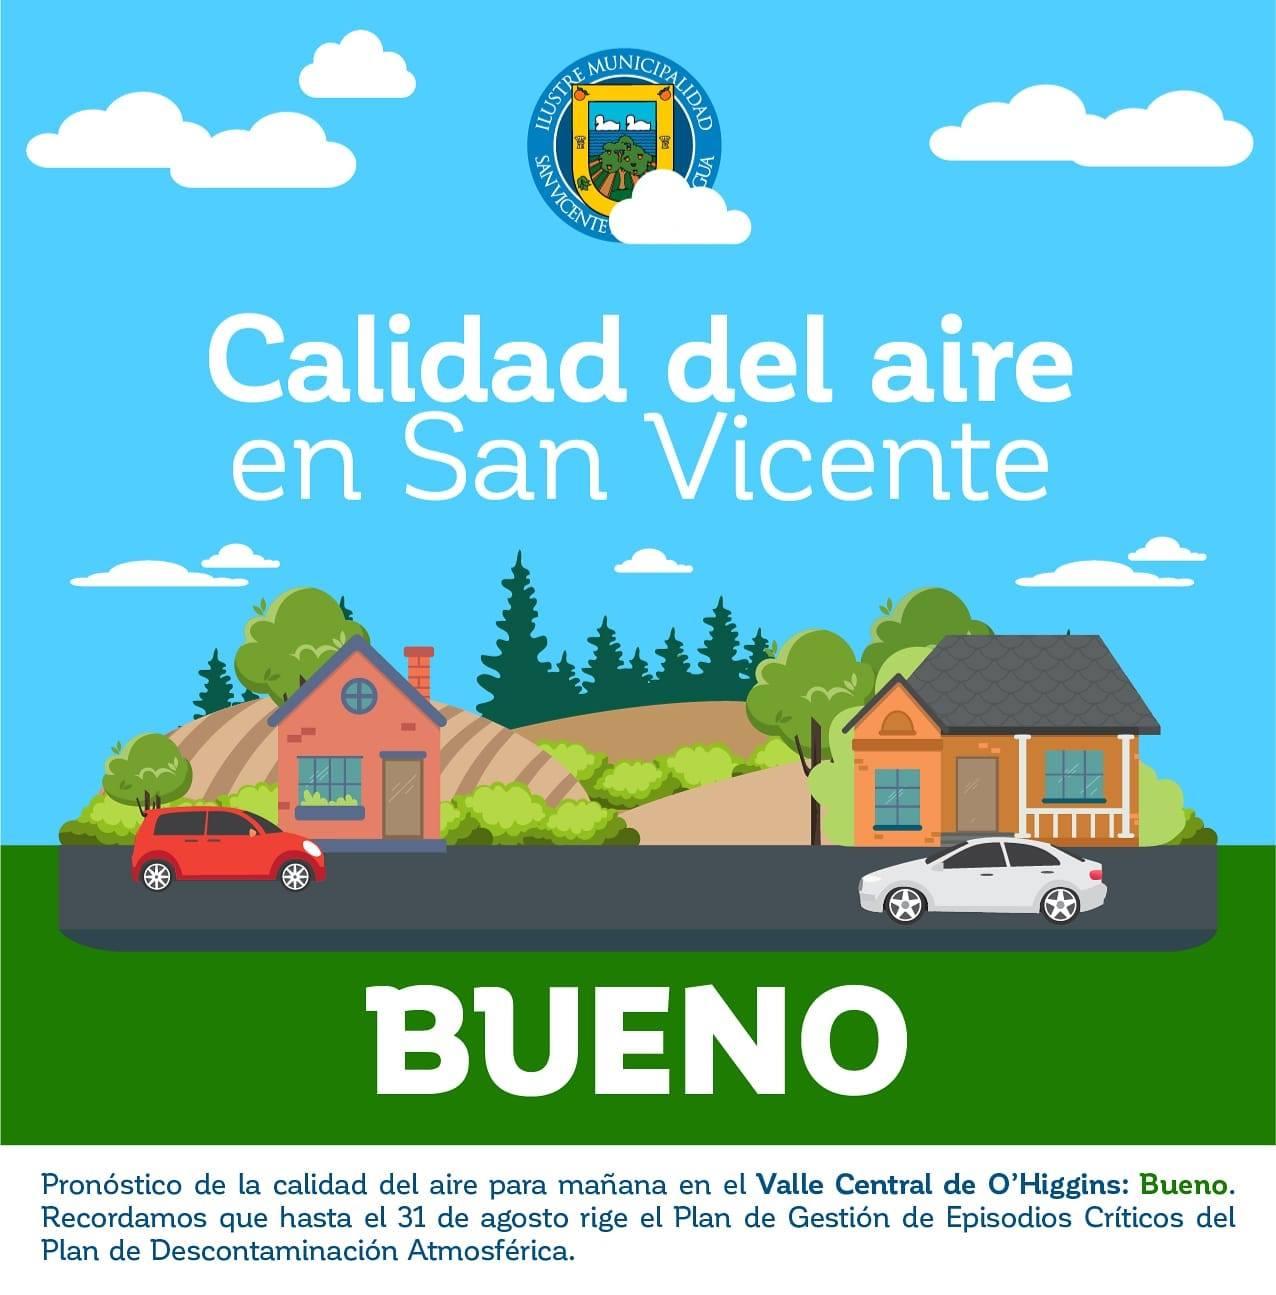 CALIDAD DEL AIRE EN SAN VICENTE DE TAGUA TAGUA MARTES 5 DE MAYO: BUENO